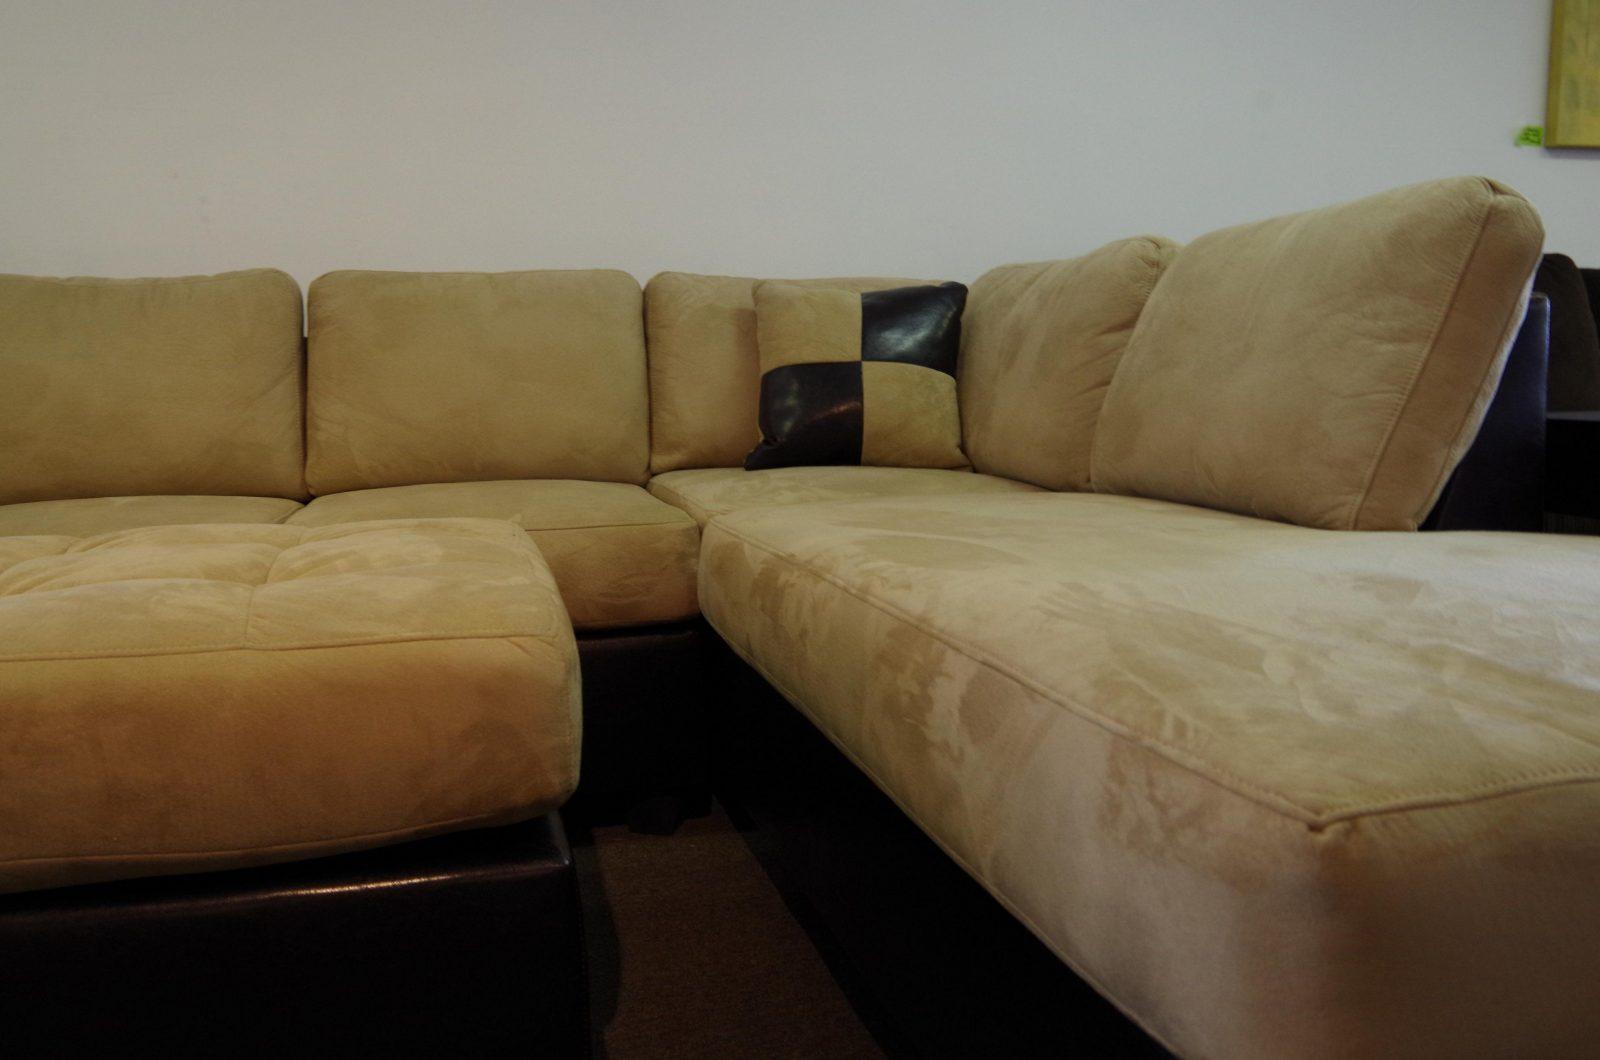 Sofa Reinigen Microfiber Bed Couch Mit Rasierschaum Polster von Stoff Couch Reinigen Hausmittel Bild